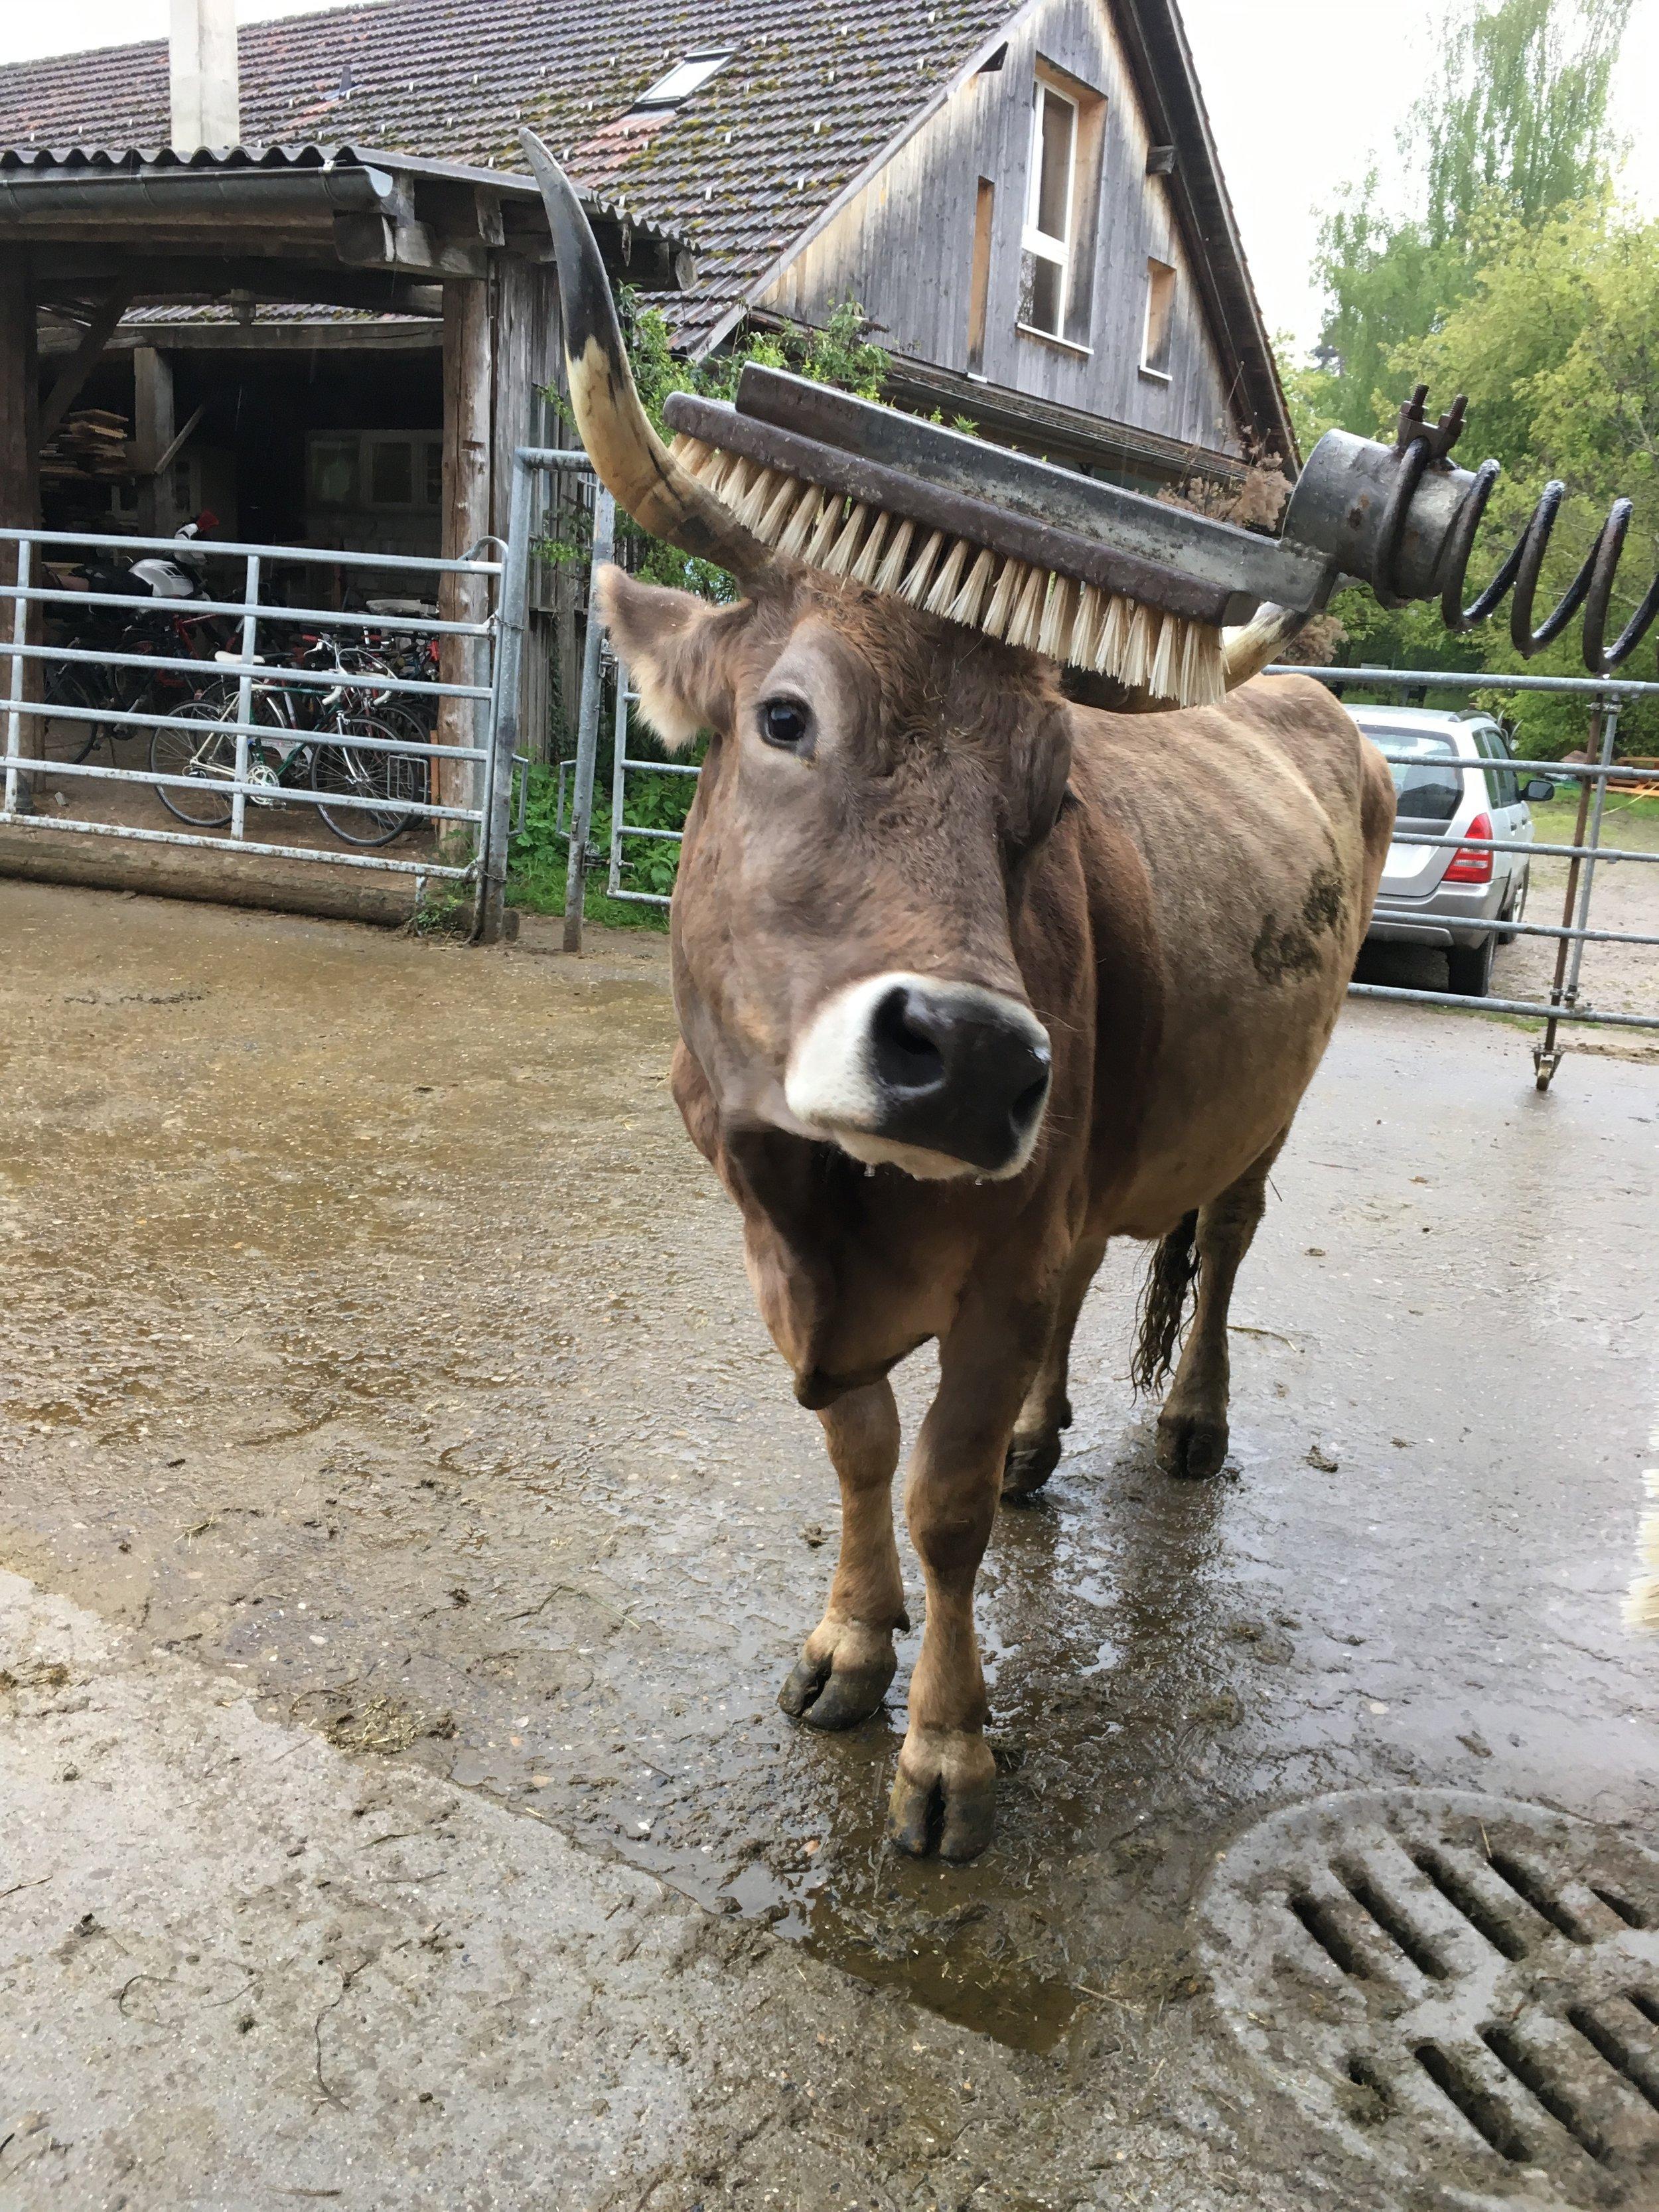 Wenn es juckt, so muss man sich kratzen. Das gilt auch für Kühe.